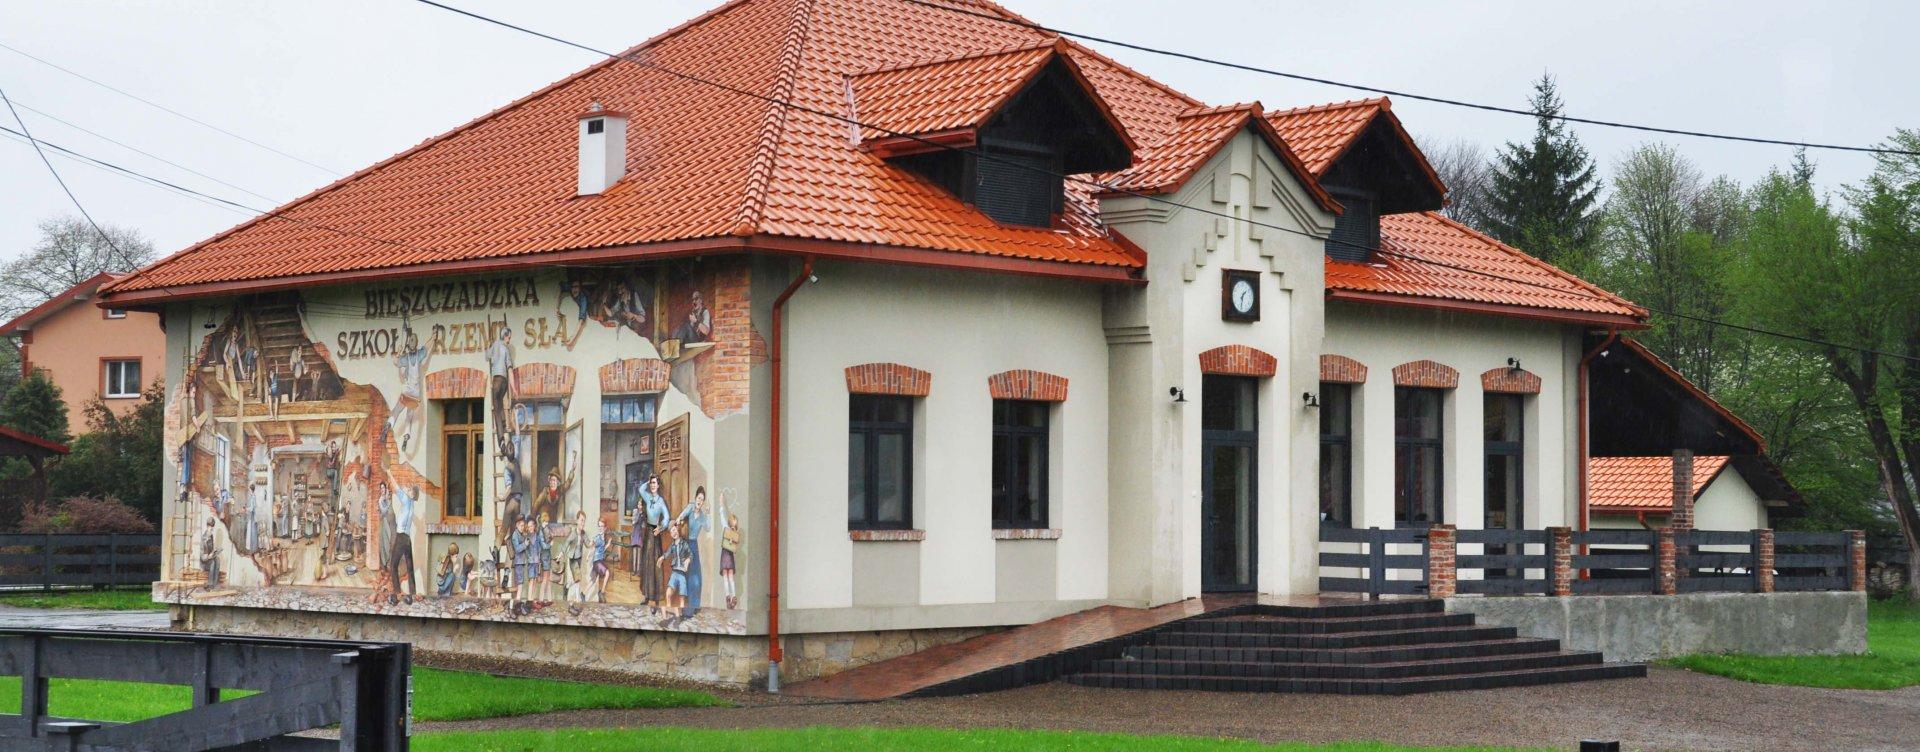 Bieszczadzka Szkoła Rzemiosła w Uhercach Mineralnych